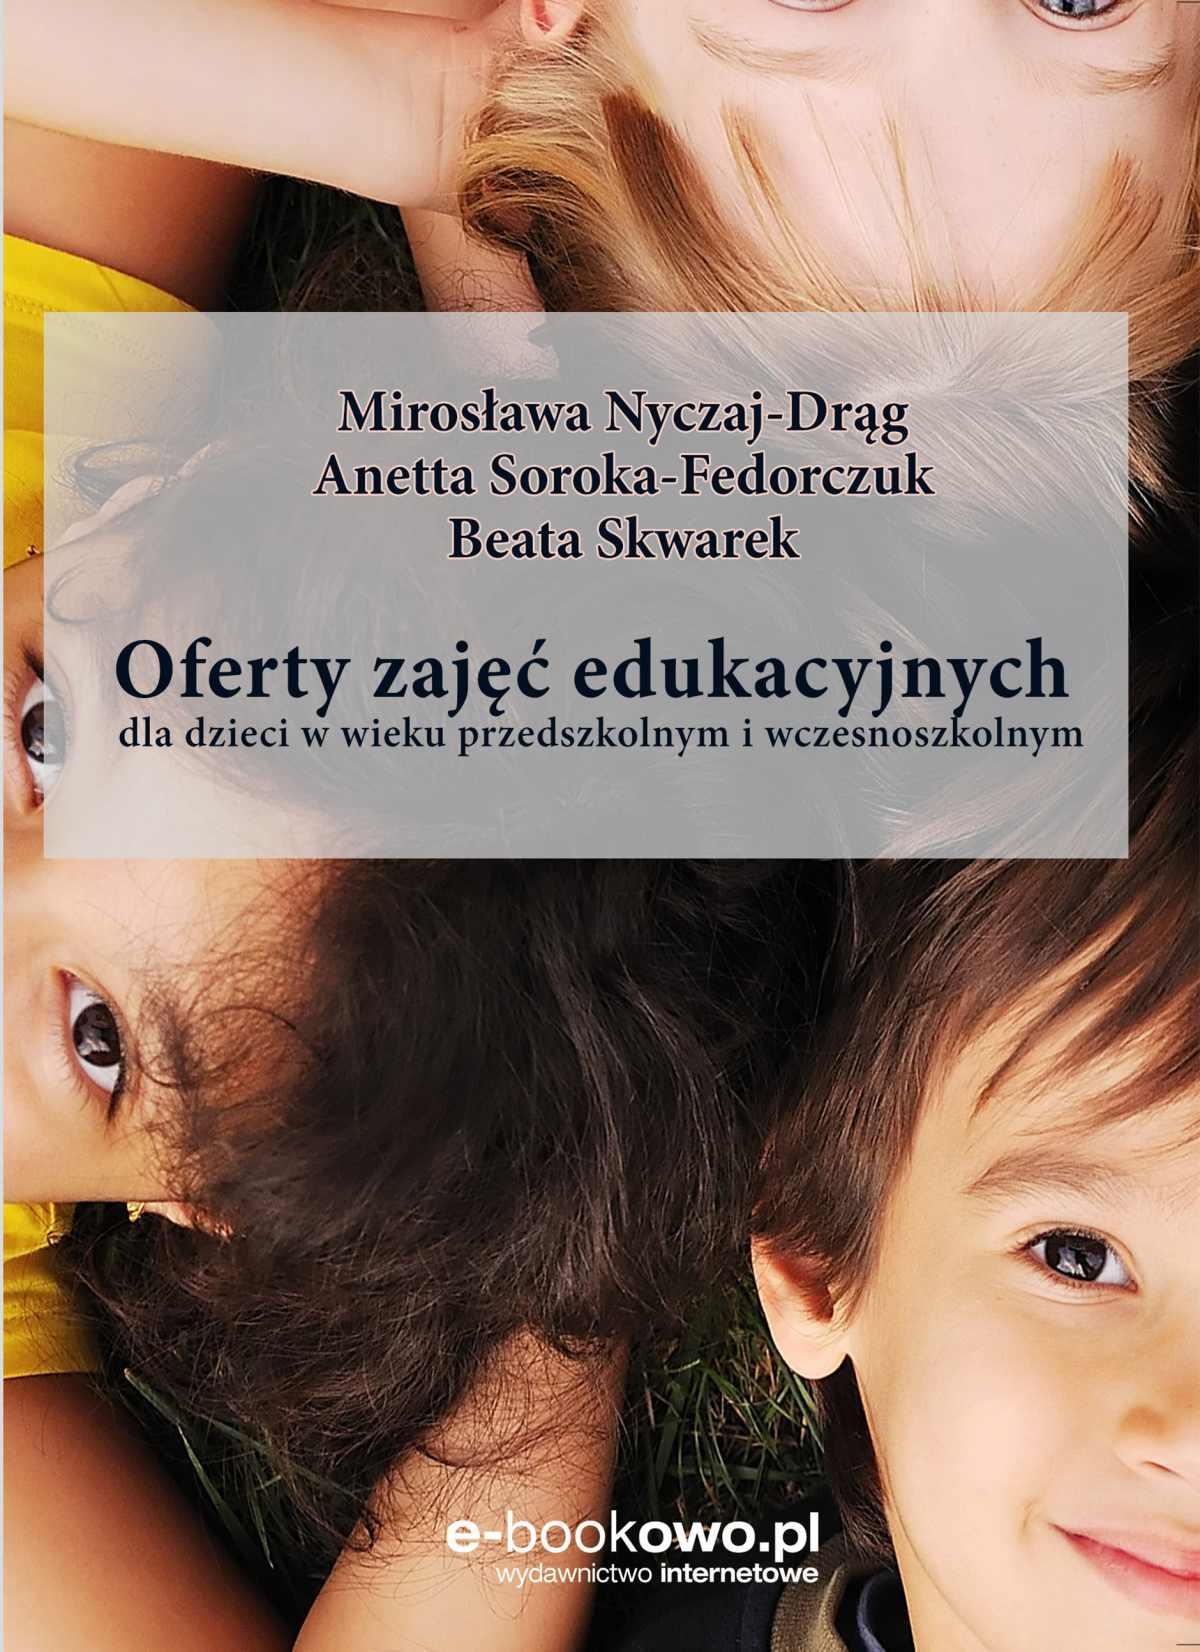 Oferty zajęć edukacyjnych dla dzieci w wieku przedszkolnym i wczesnoszkolnym - Ebook (Książka PDF) do pobrania w formacie PDF